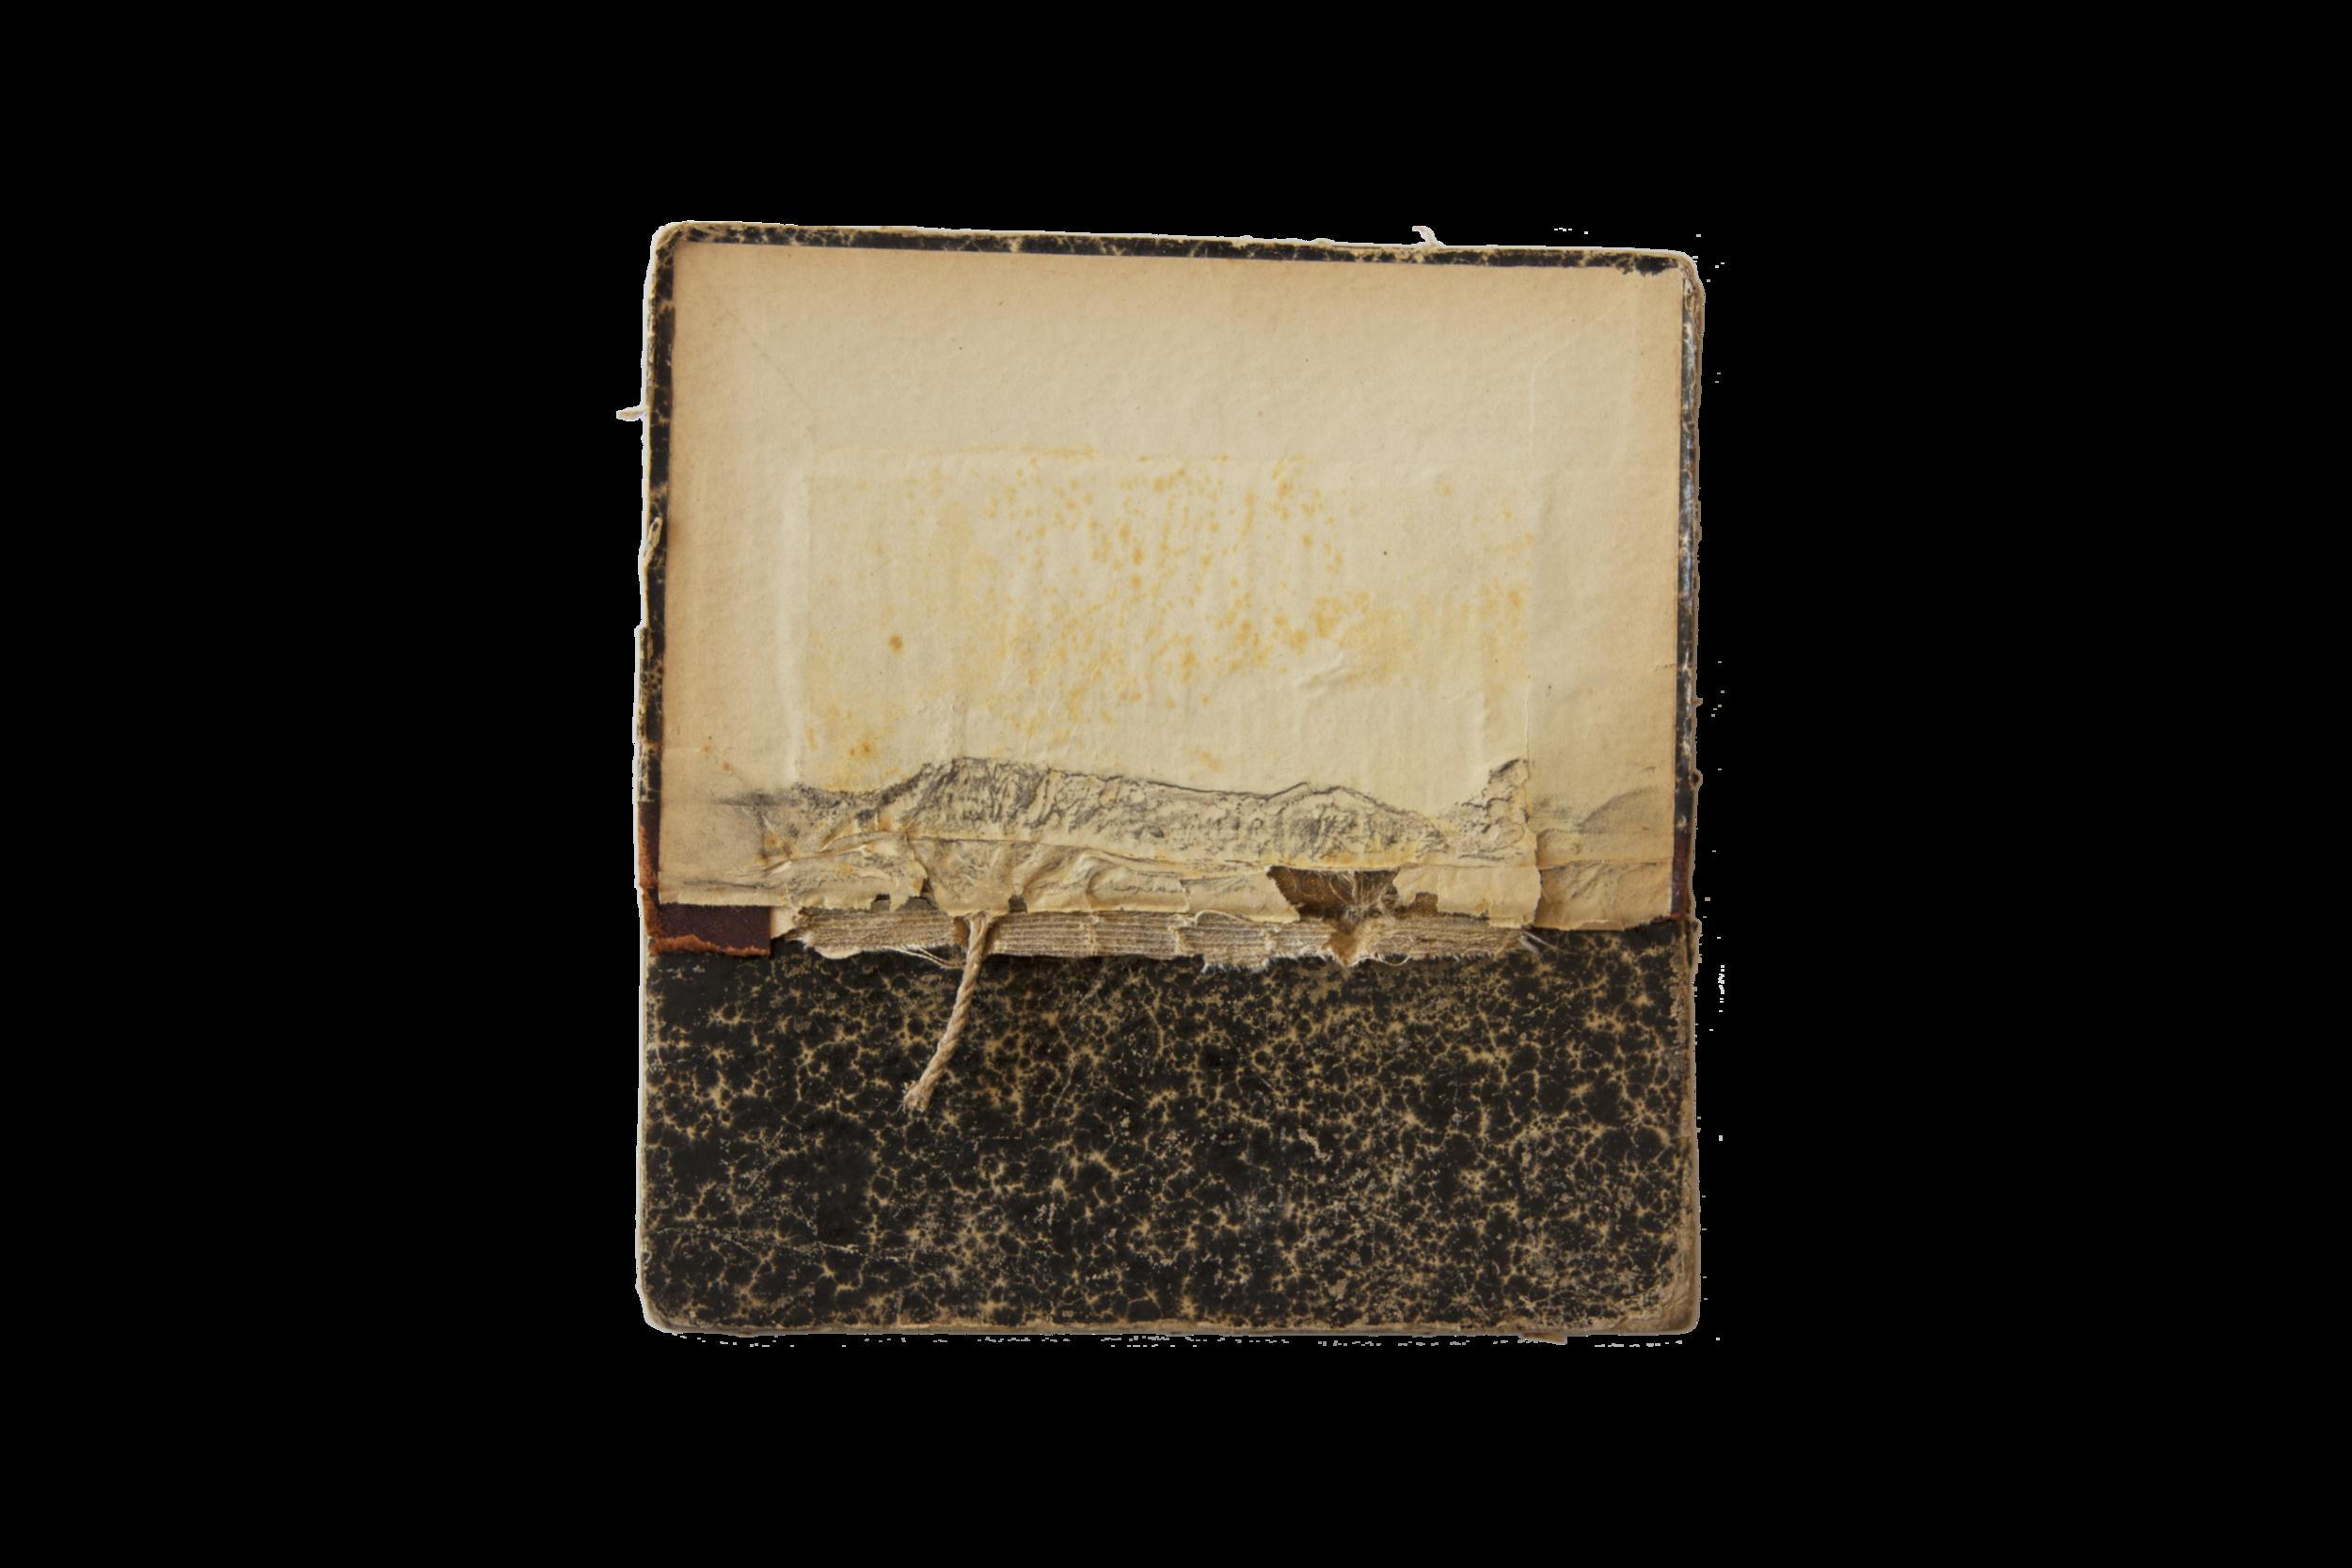 M_17,5 x 17_Grafito sobre tapa de libro_2015.png